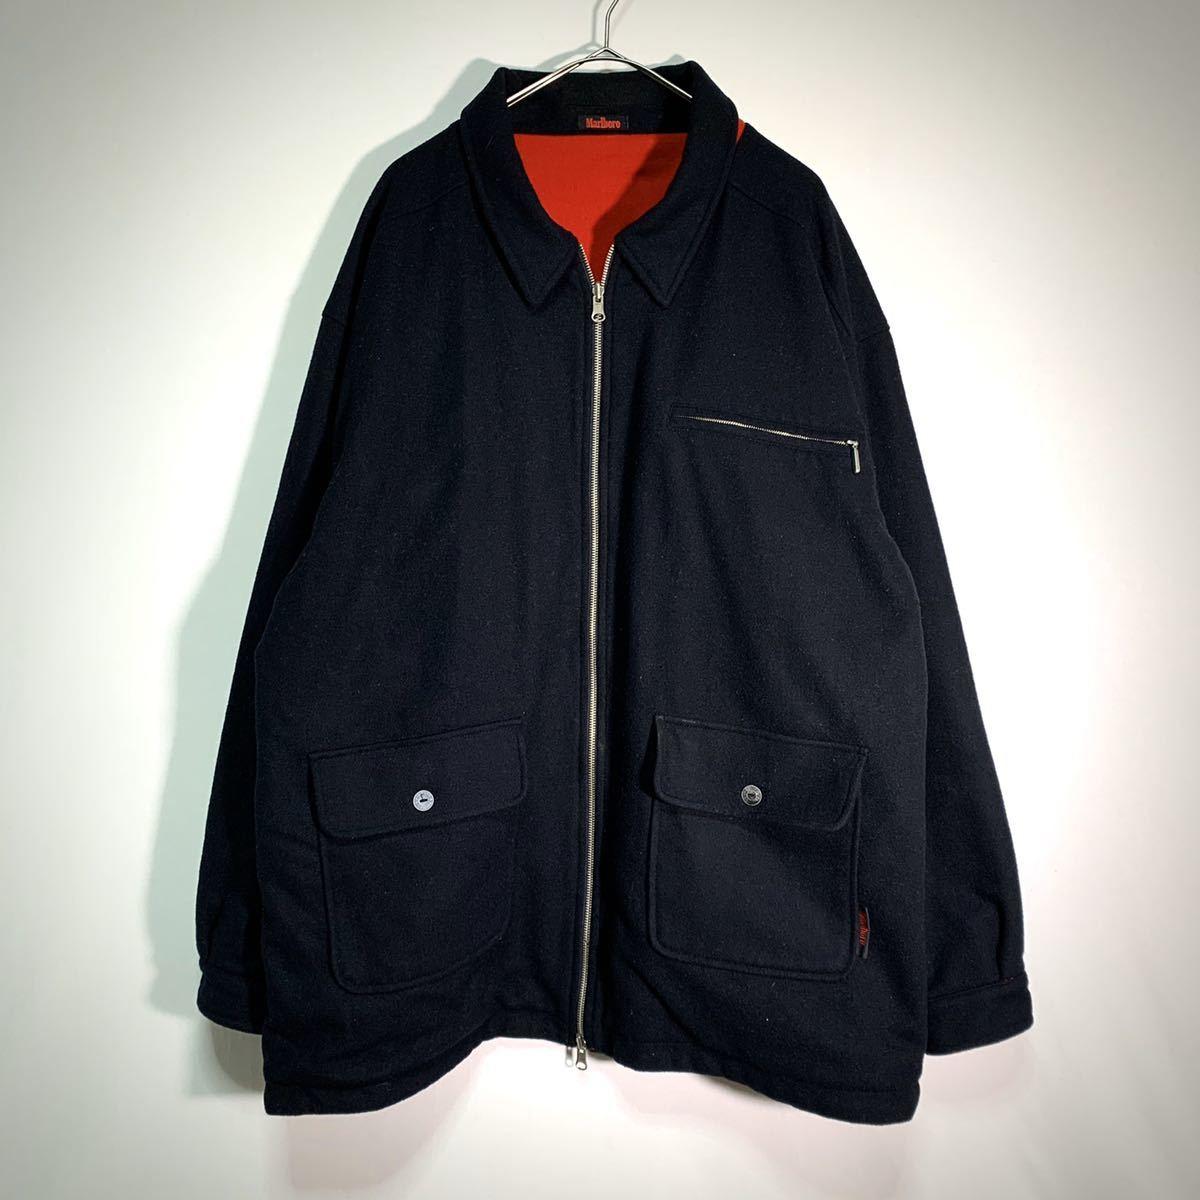 【送料込】90s Marlboro リバーシブル ウール ジャケット XL 黒×赤 ビッグシルエット ジップ マルボロ 80s ビンテージ 古着 オールド_画像9